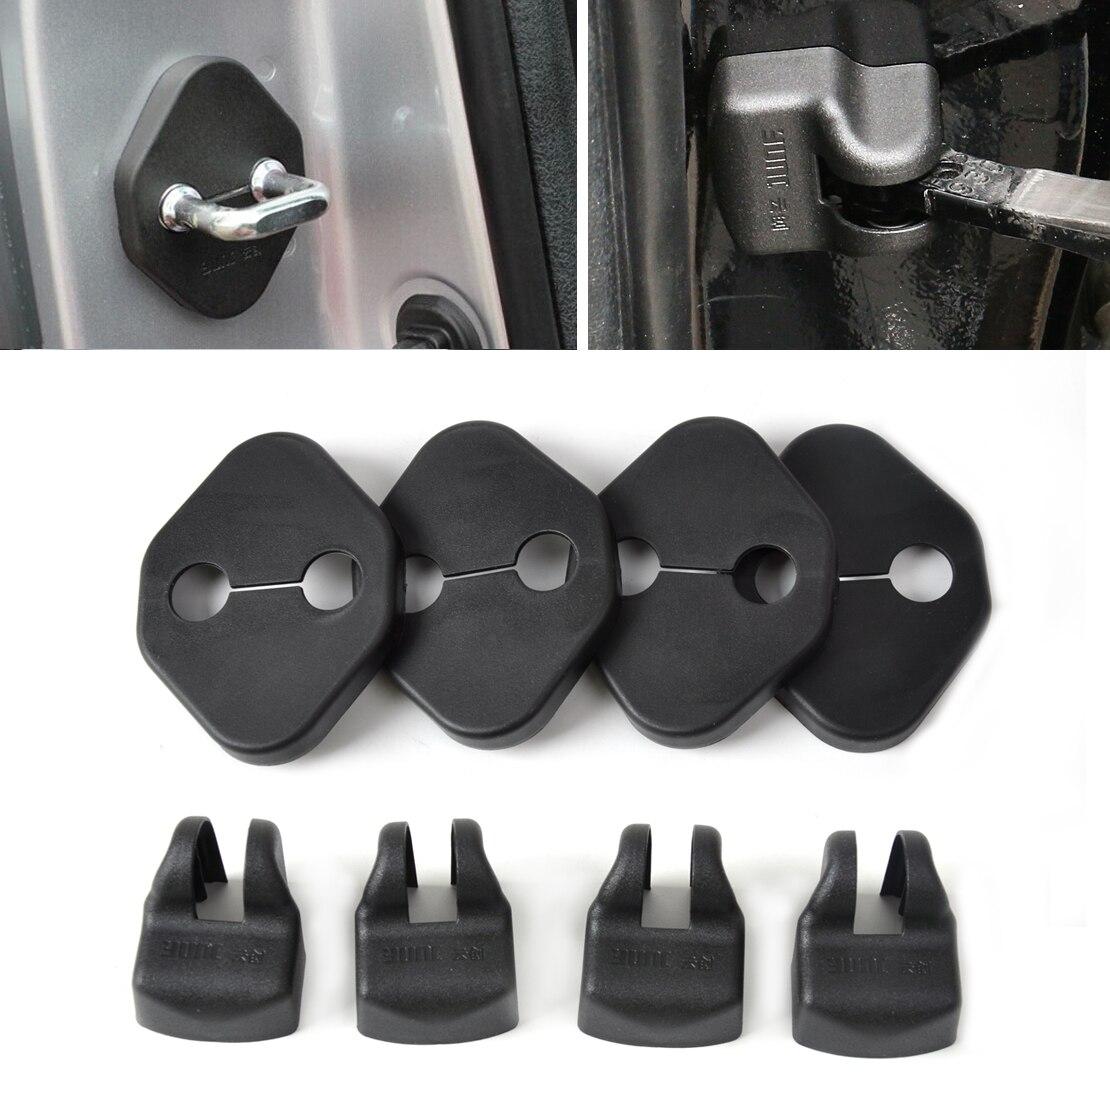 CITALL De Porte de Voiture Striker Cover Lock Protecteur Bouchon Boucle Cas Chapeau Chèque Couverture Bras Pour Toyota Camry Corolla 2011